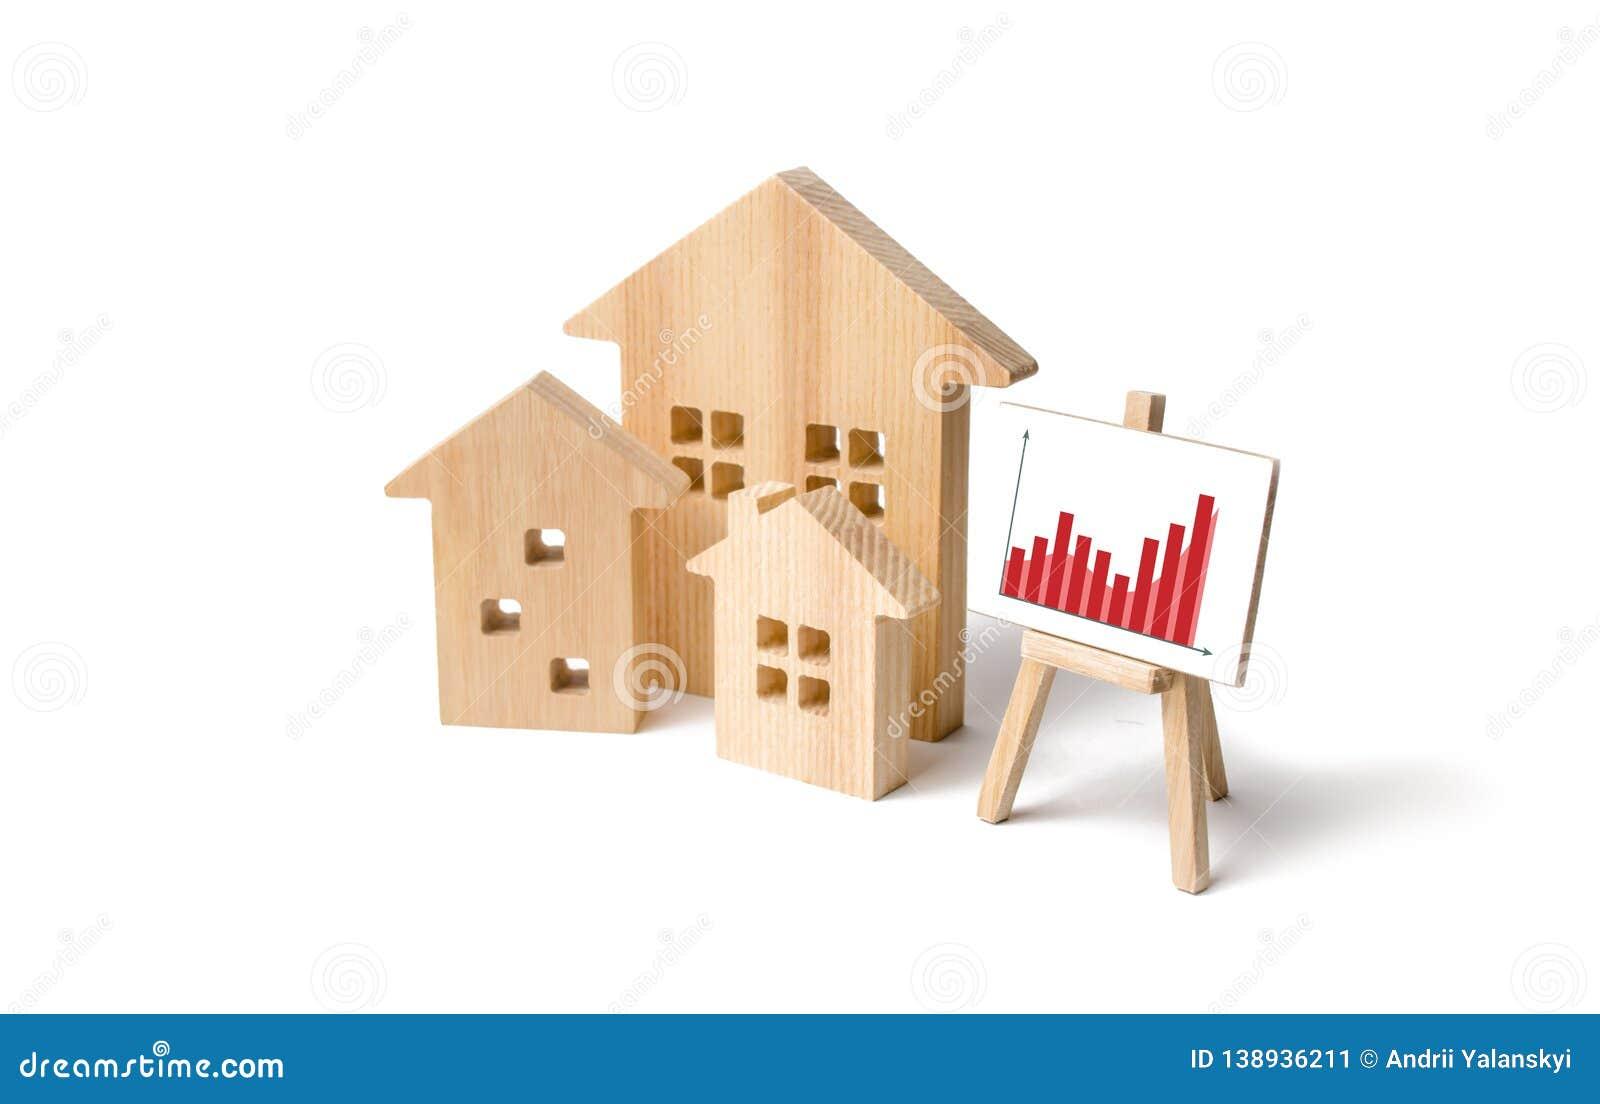 Holzhäuser mit einem Stand von Grafiken und von Informationen Steigende Nachfrage nach der Unterkunft und den Immobilien Wachstum